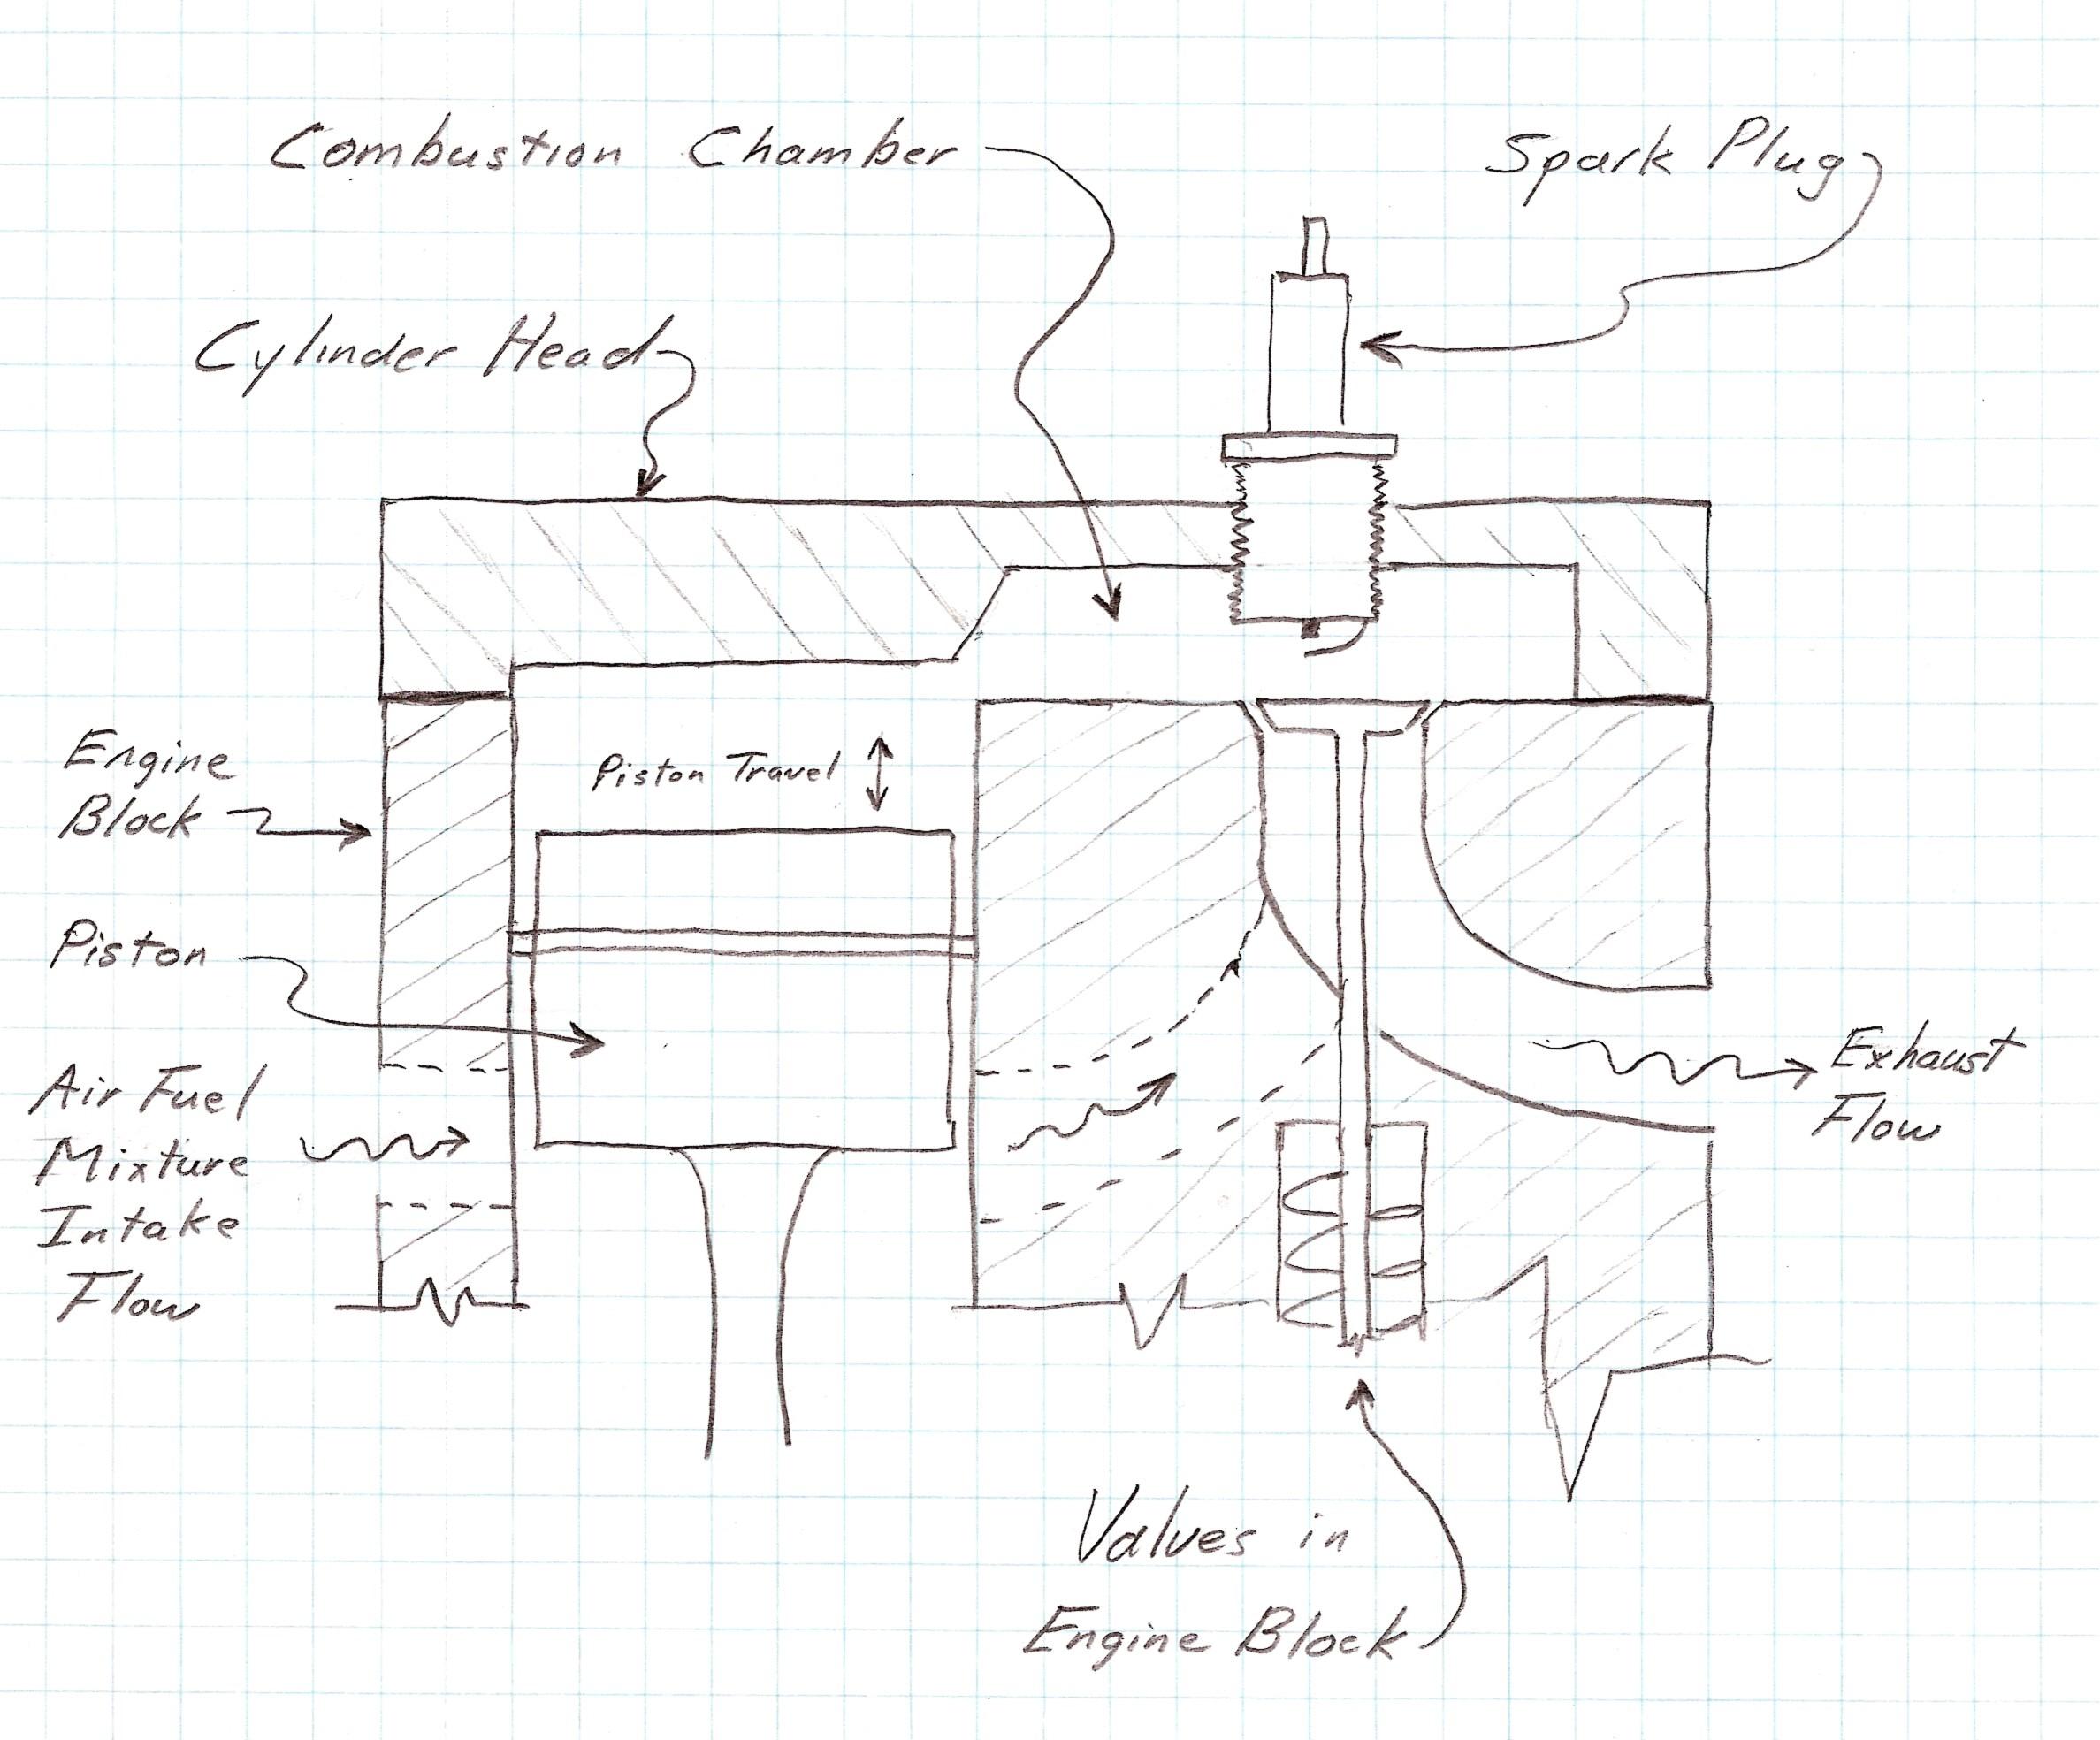 Flathead Engine Diagram | My Wiring DIagram